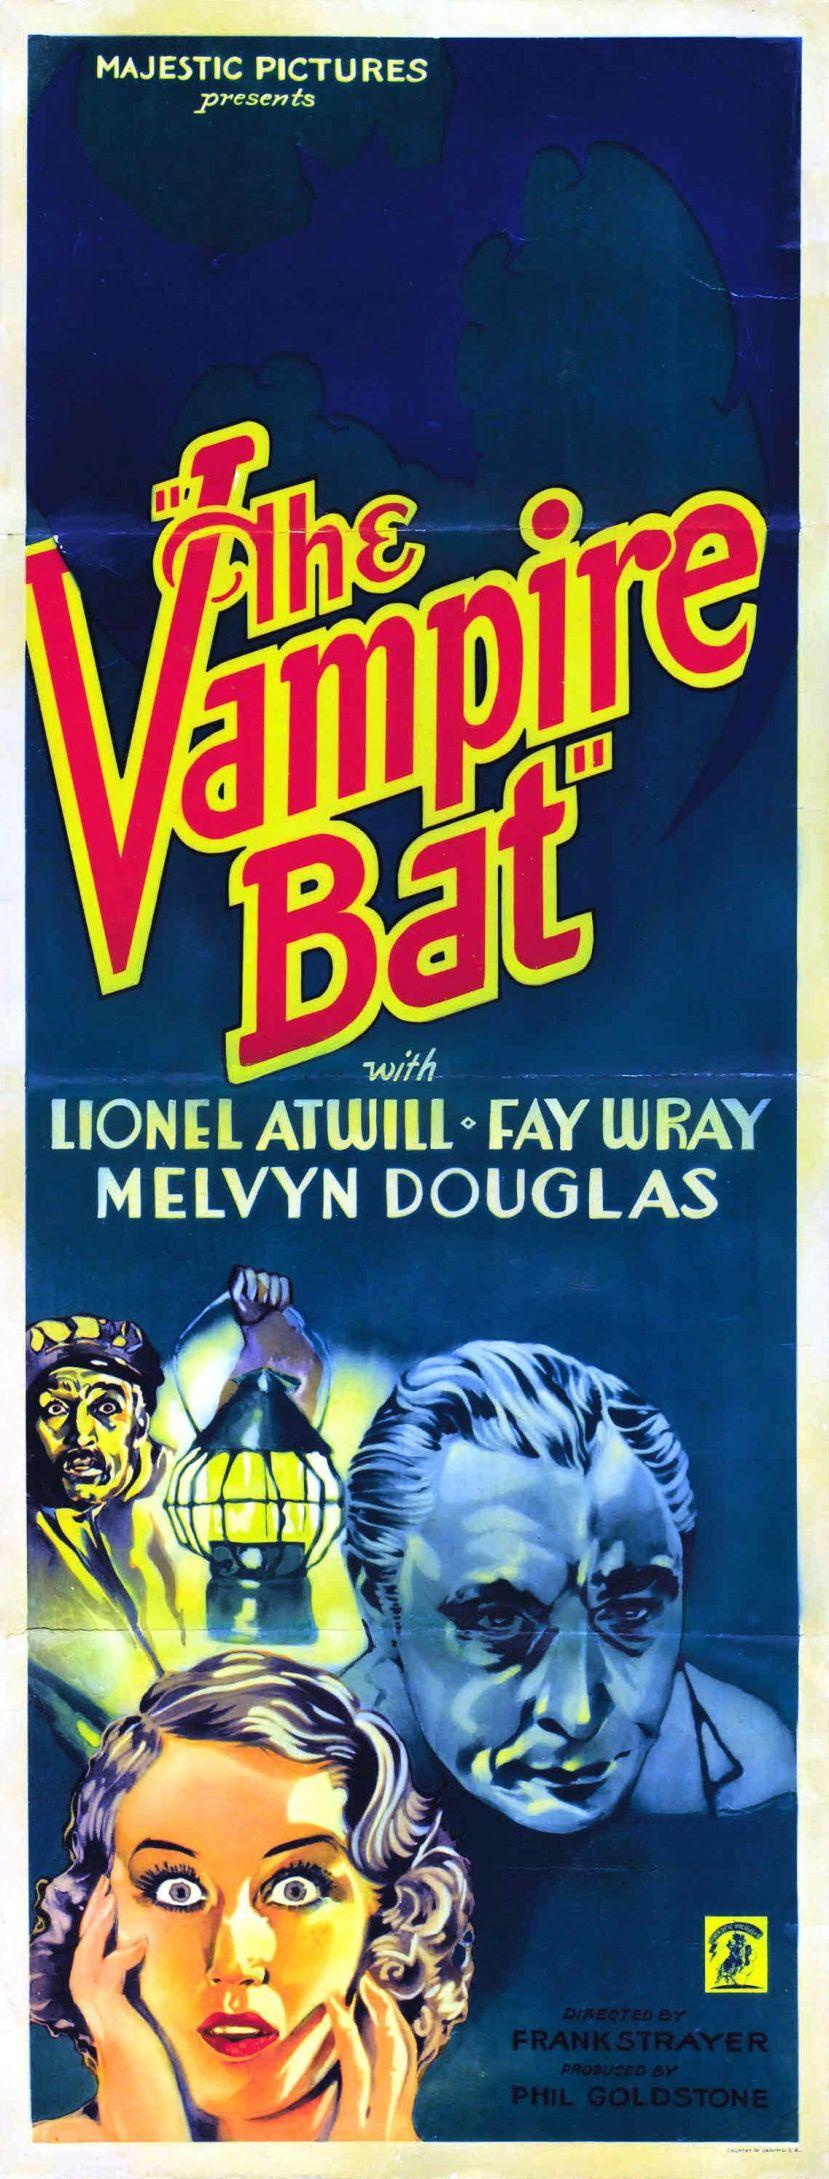 The Vampire Bat 2